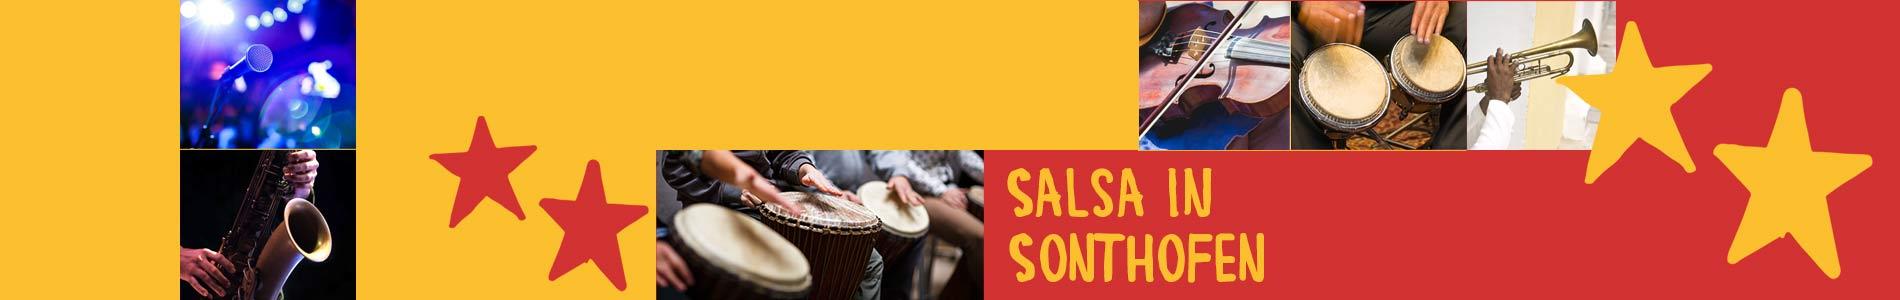 Salsa in Sonthofen – Salsa lernen und tanzen, Tanzkurse, Partys, Veranstaltungen